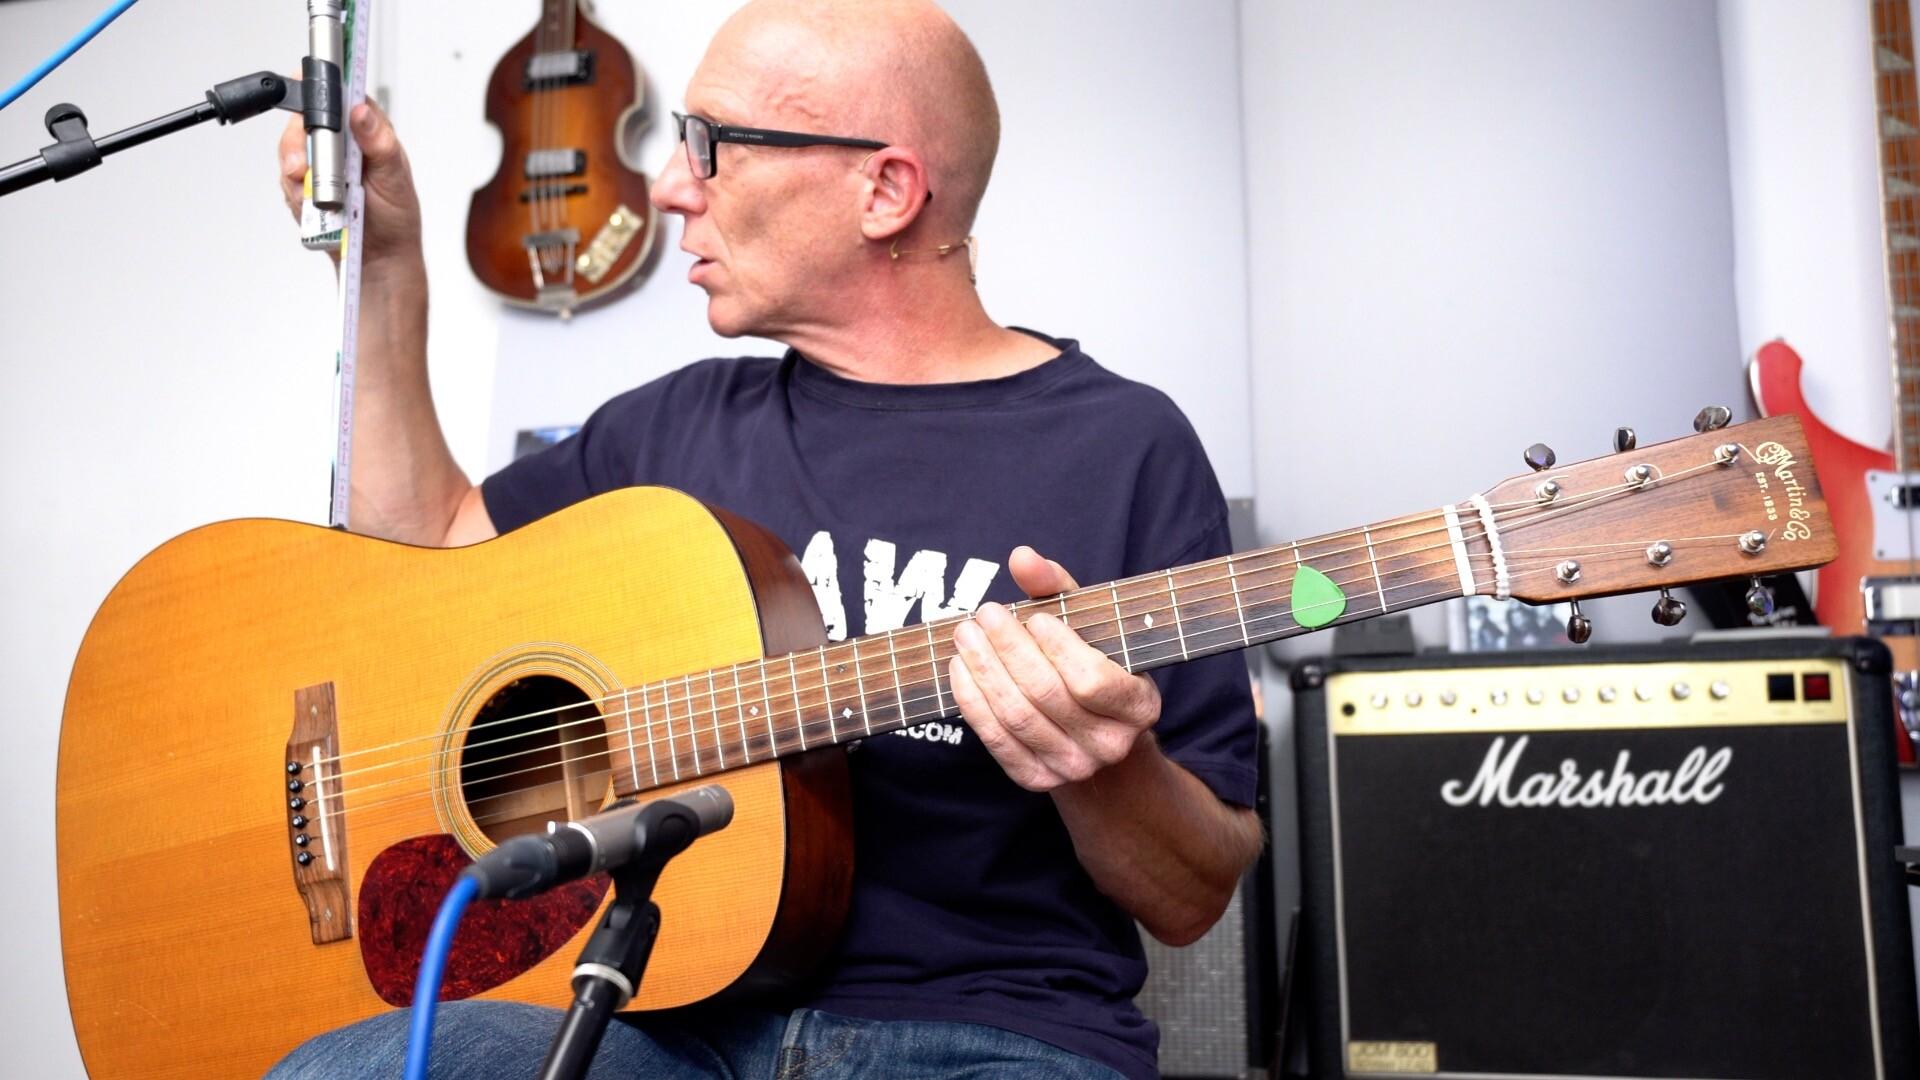 Akustik-Gitarre aufnehmen - Mikro 20 cm entfernt aufstellen